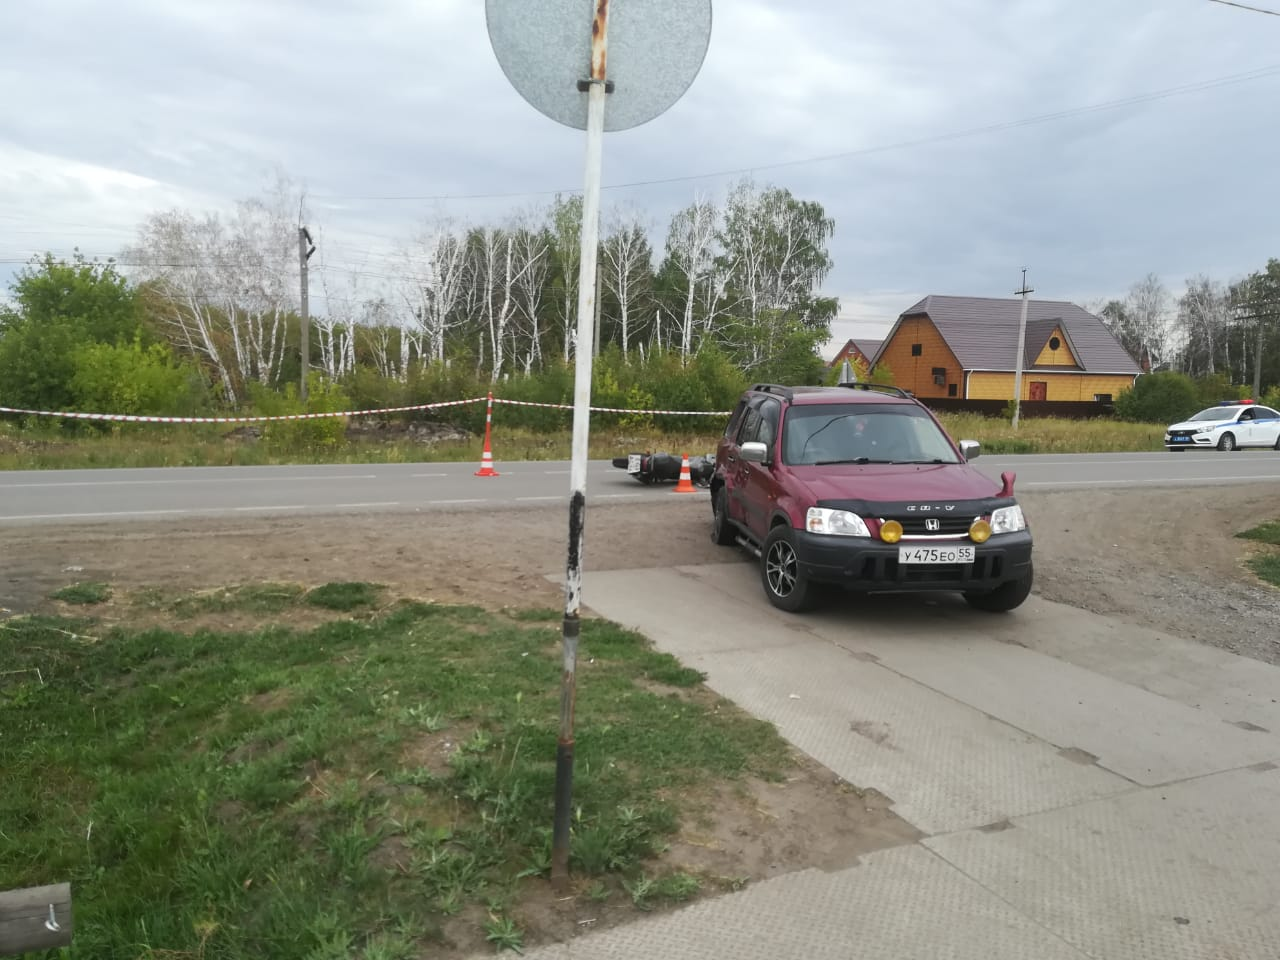 В Омской области попал в больницу юный мотоциклист: в него въехала машина #Новости #Общество #Омск